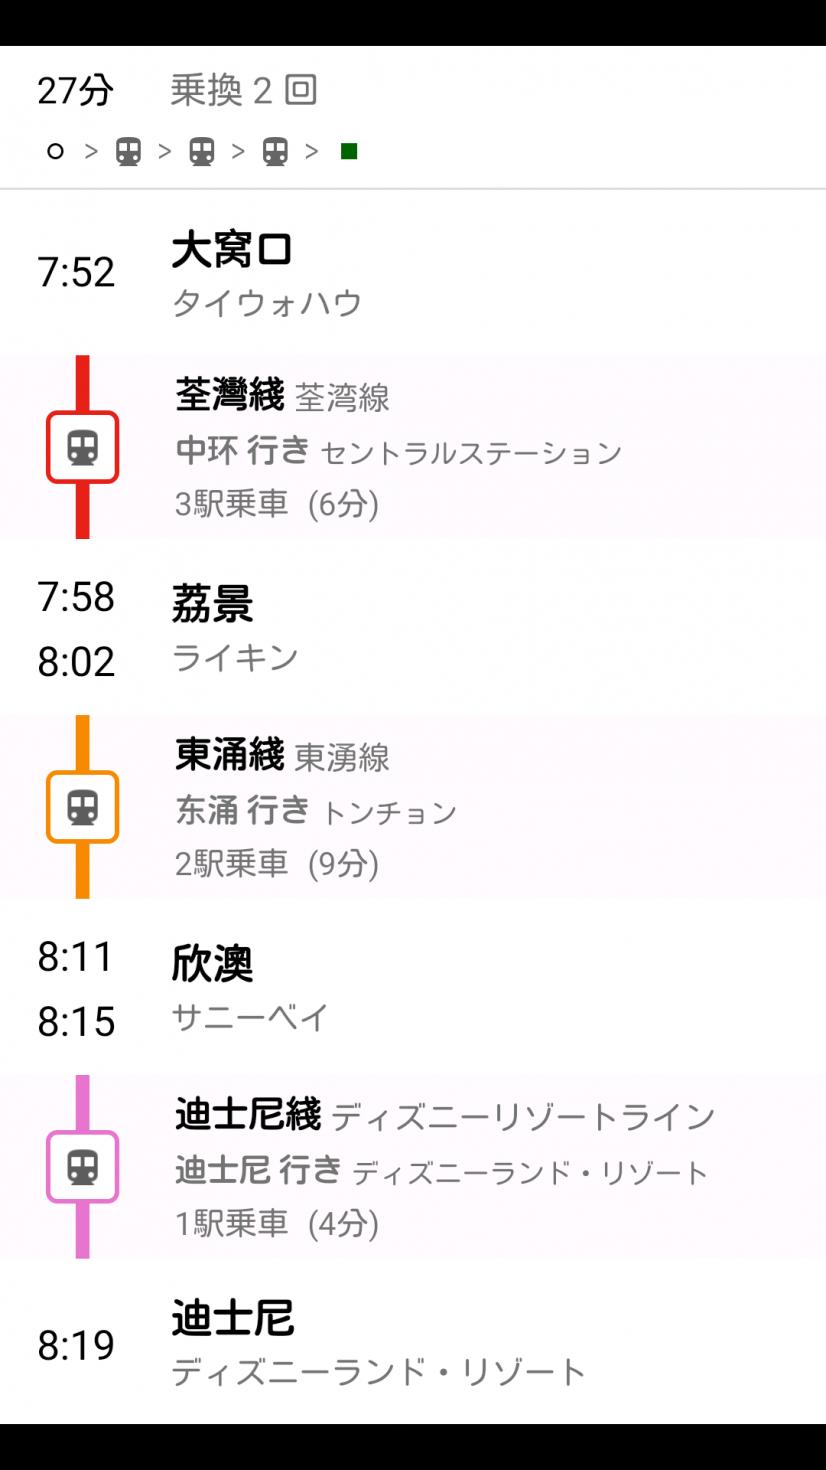 【アクセス】ディズニーまでの🚃の経路はこんな感じ。乗り換えが2回ありますが、香港の地下鉄は色が目印になってて分かりやすいです😁 オクトパス(ICカード)なしだと料金は19.5ドル、ありは16.9ドル